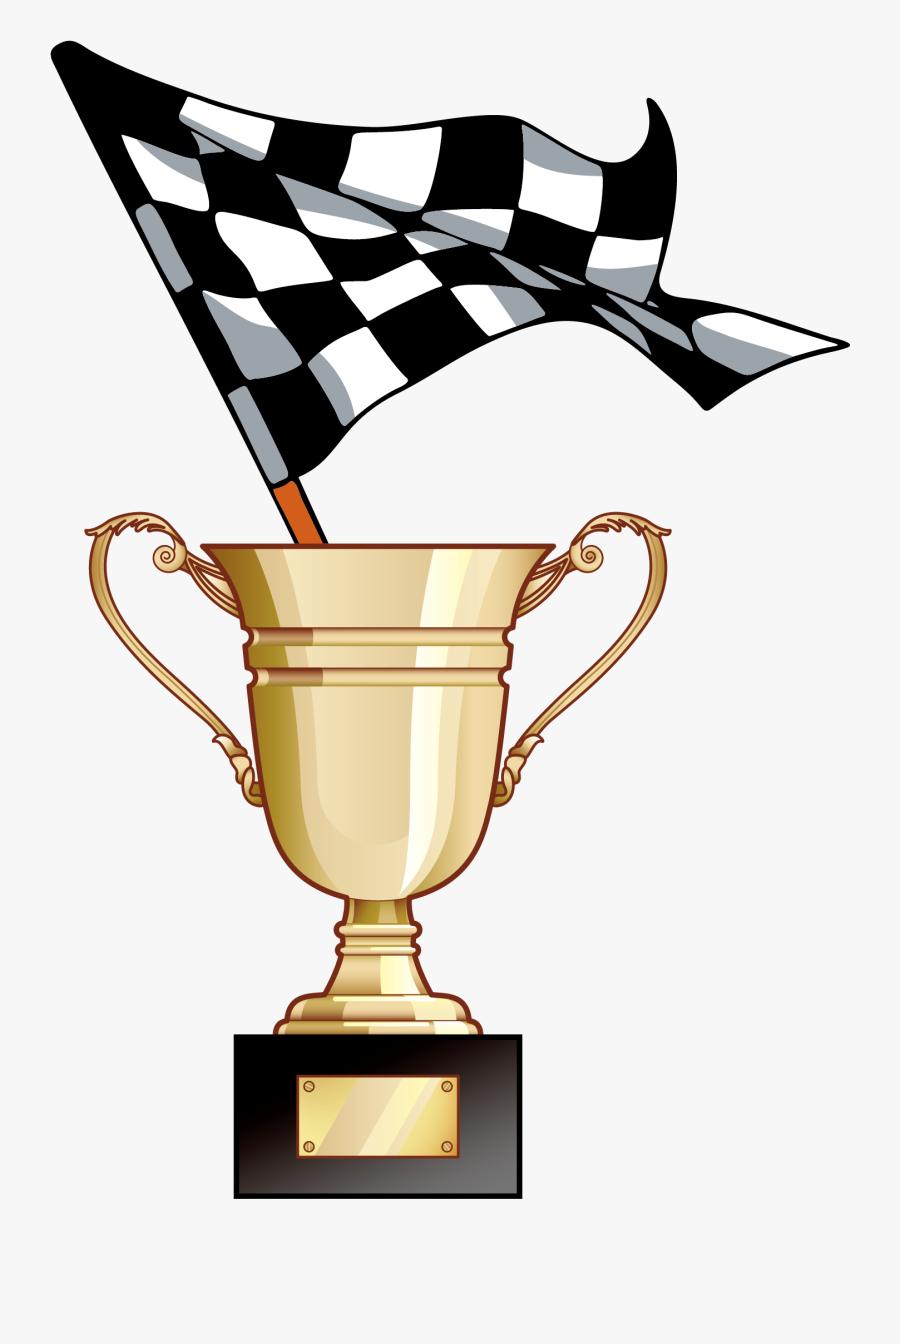 Transparent Racetrack Png - Race Trophy Vector Png, Transparent Clipart